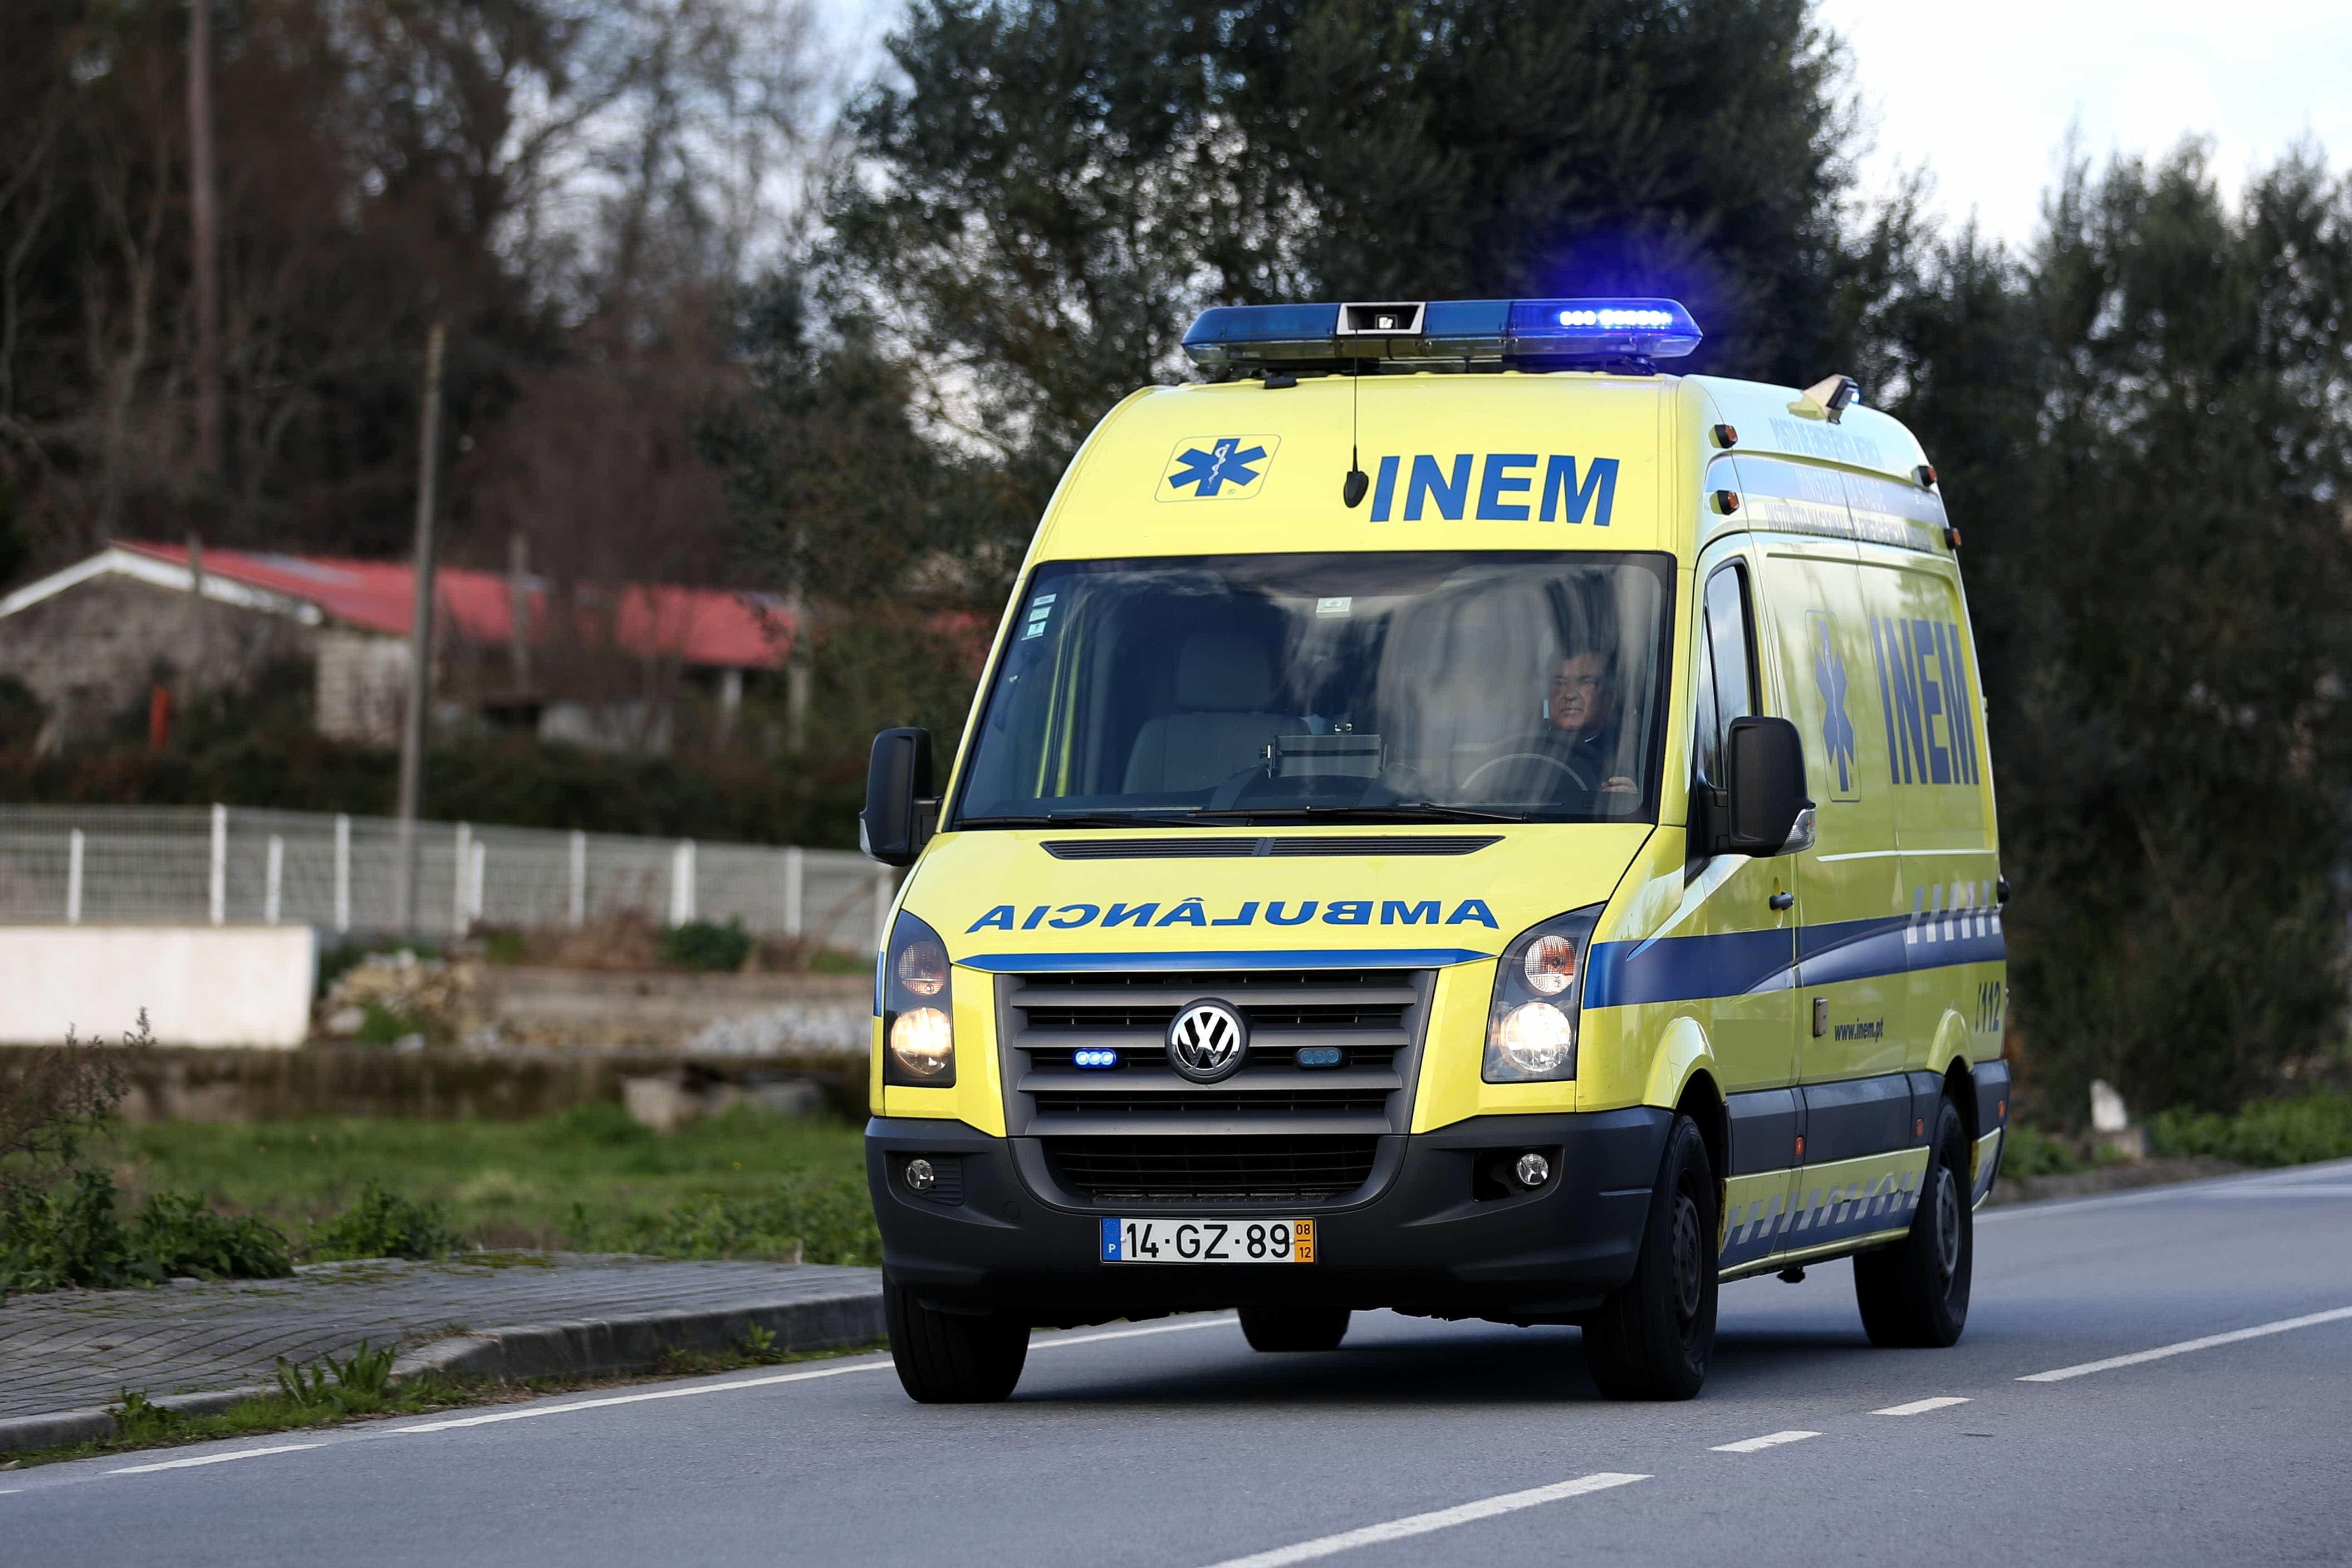 ACT regista 108 mortos e 234 feridos graves em acidentes até outubro